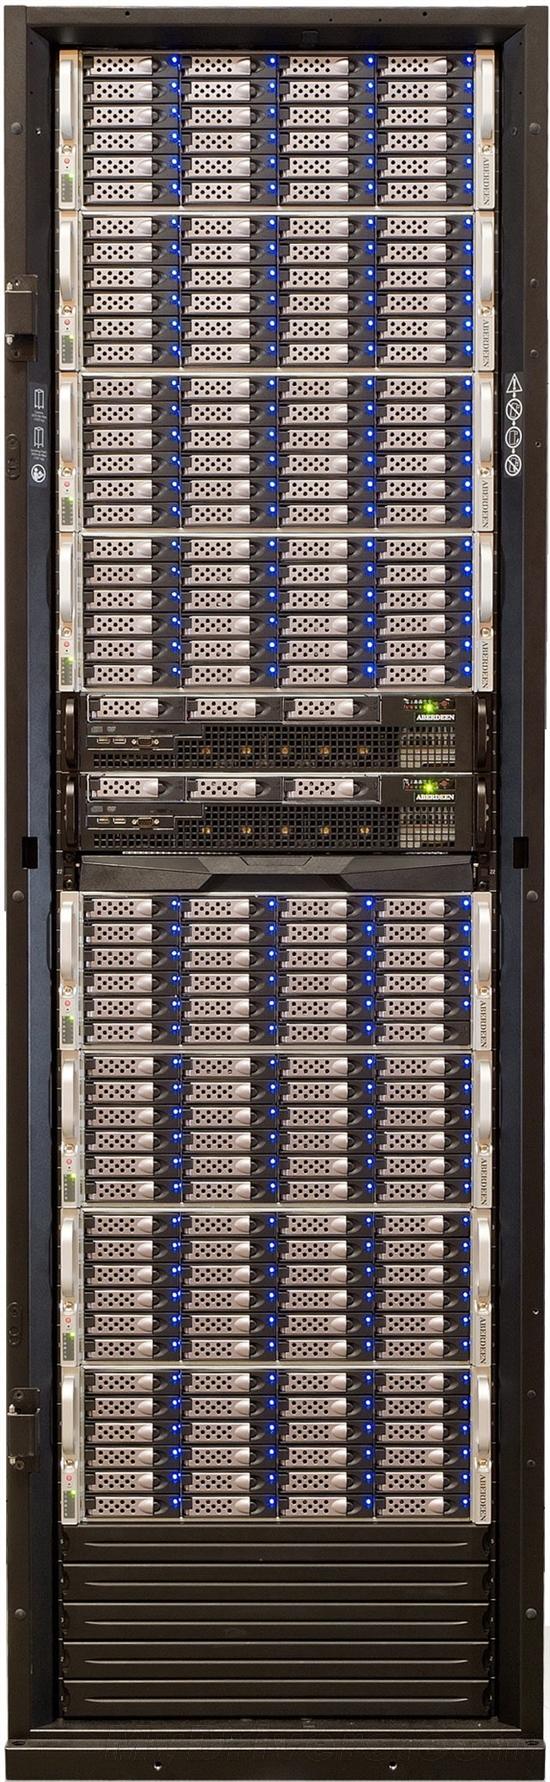 让你见识下 50万美元的1PB存储机柜是什么样的